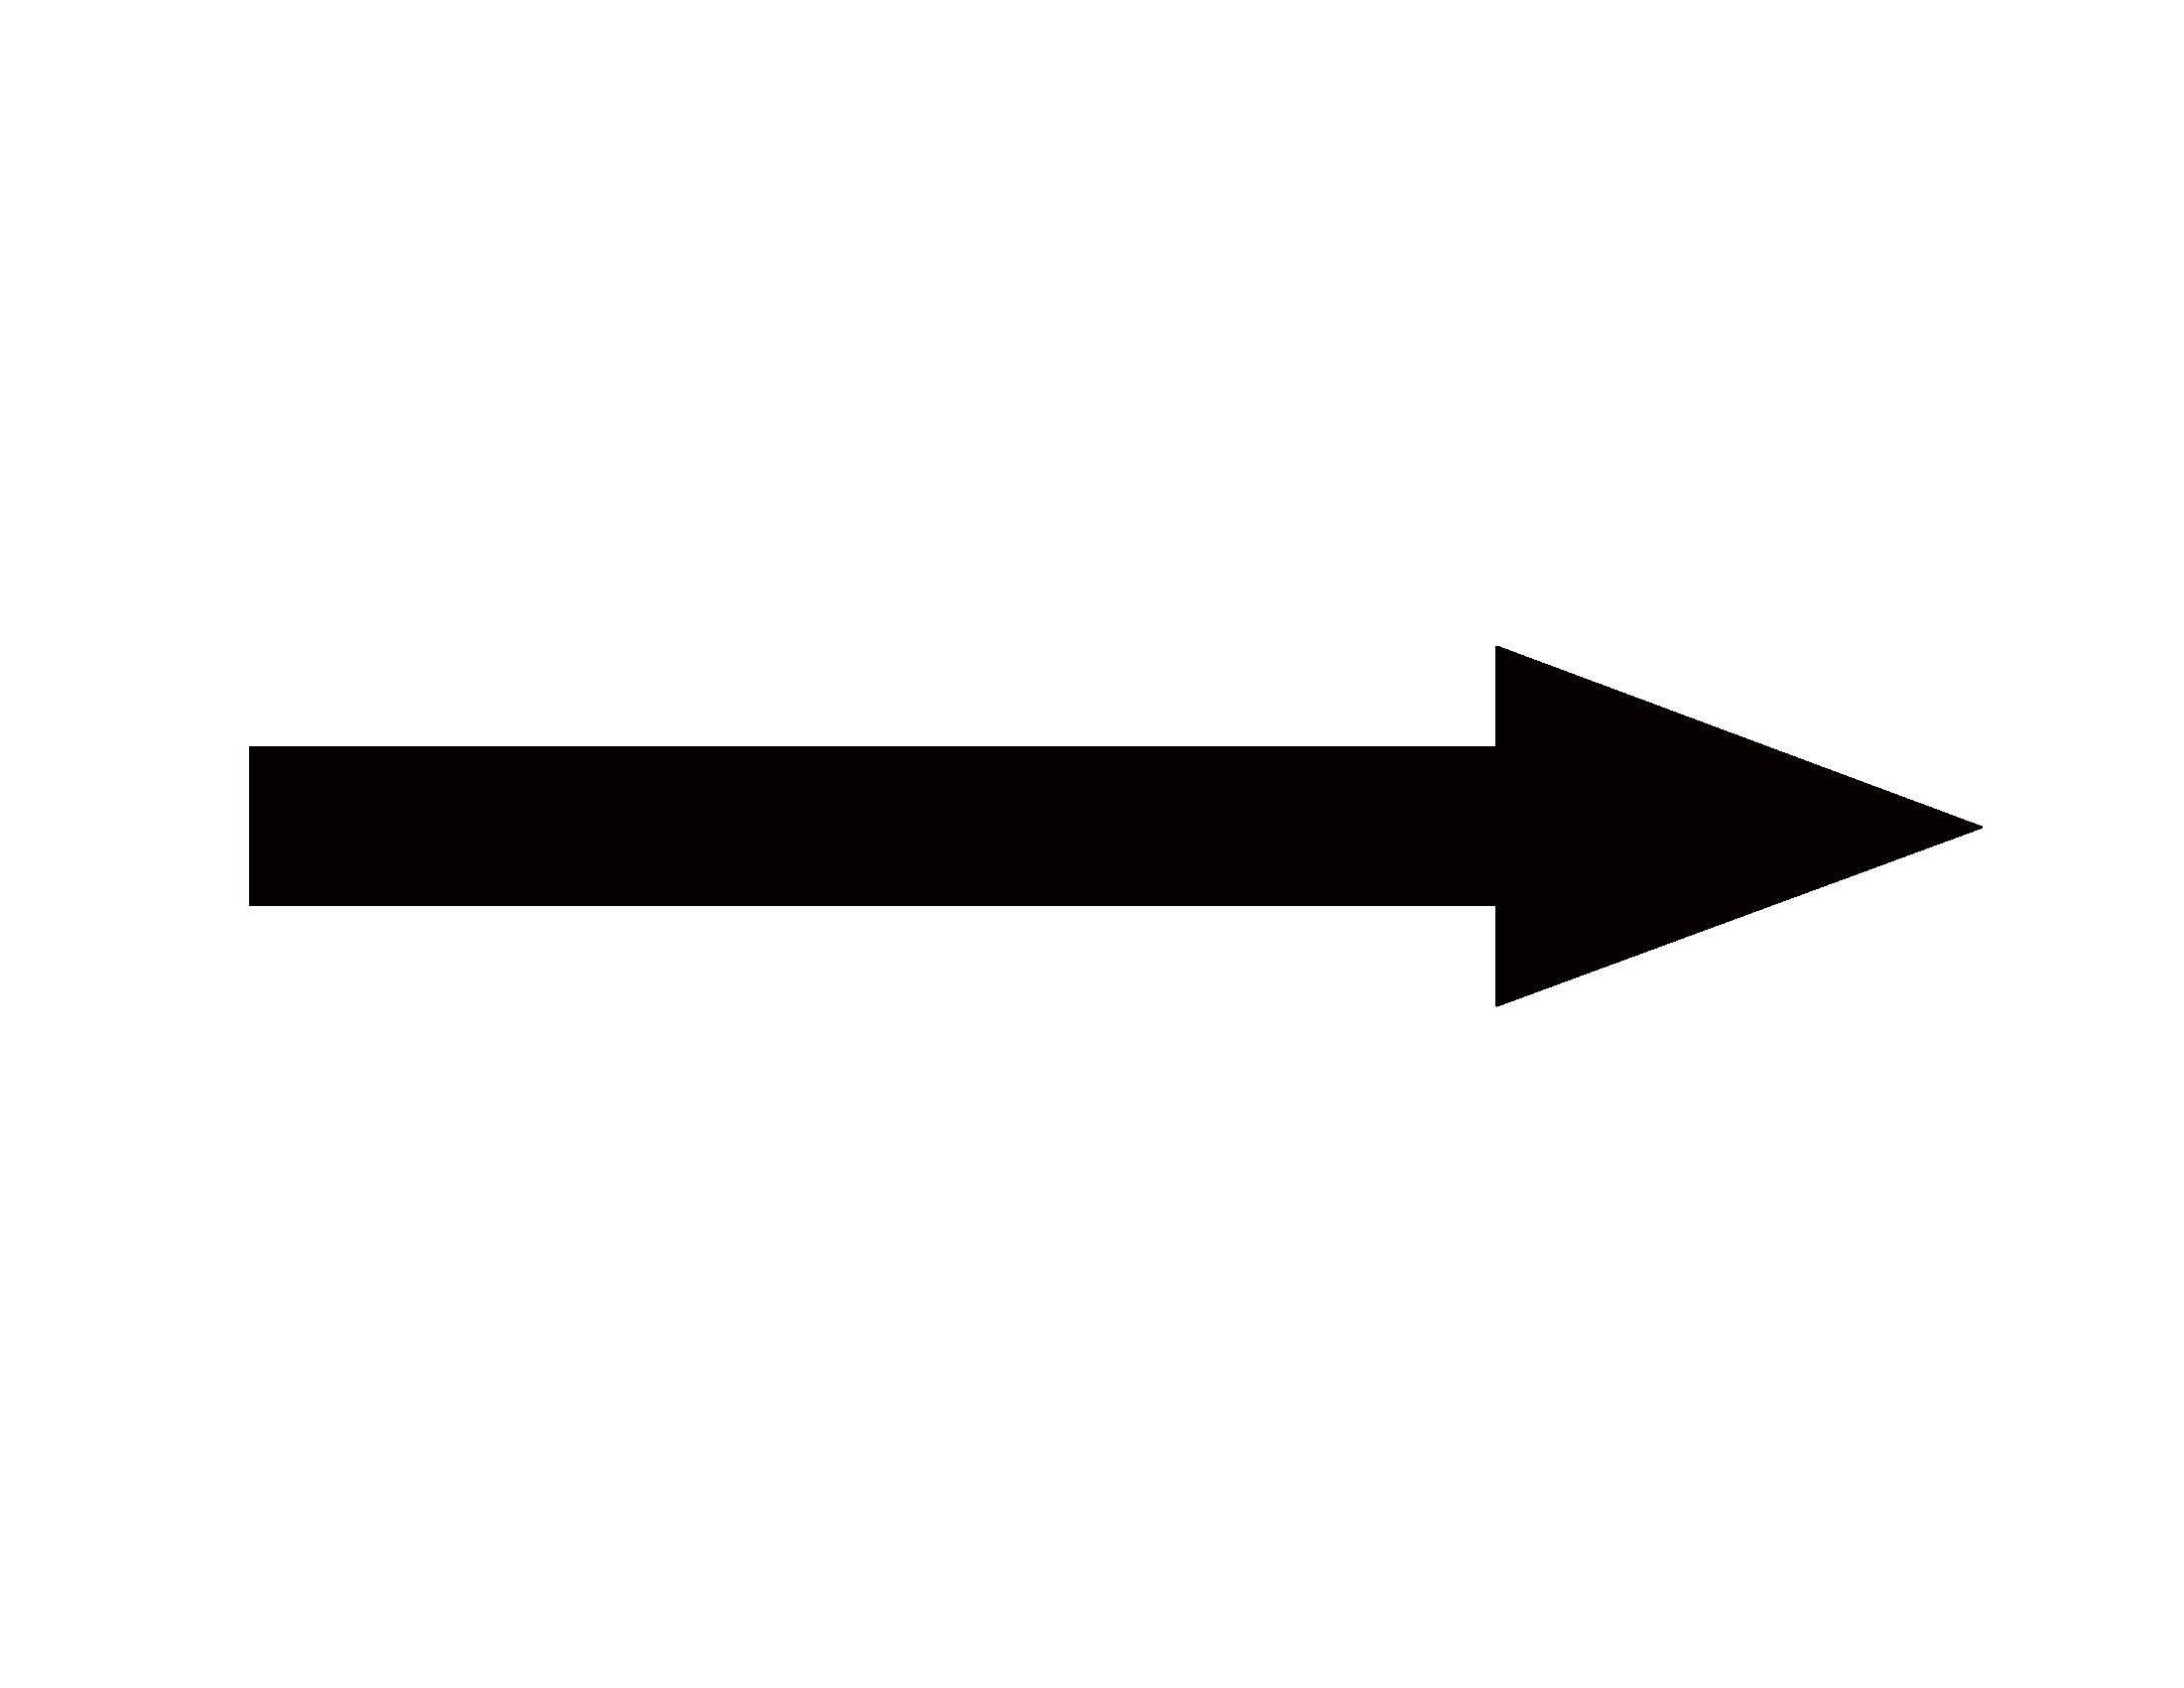 Arrow jpg Free clipart arrow - ClipartFest jpg